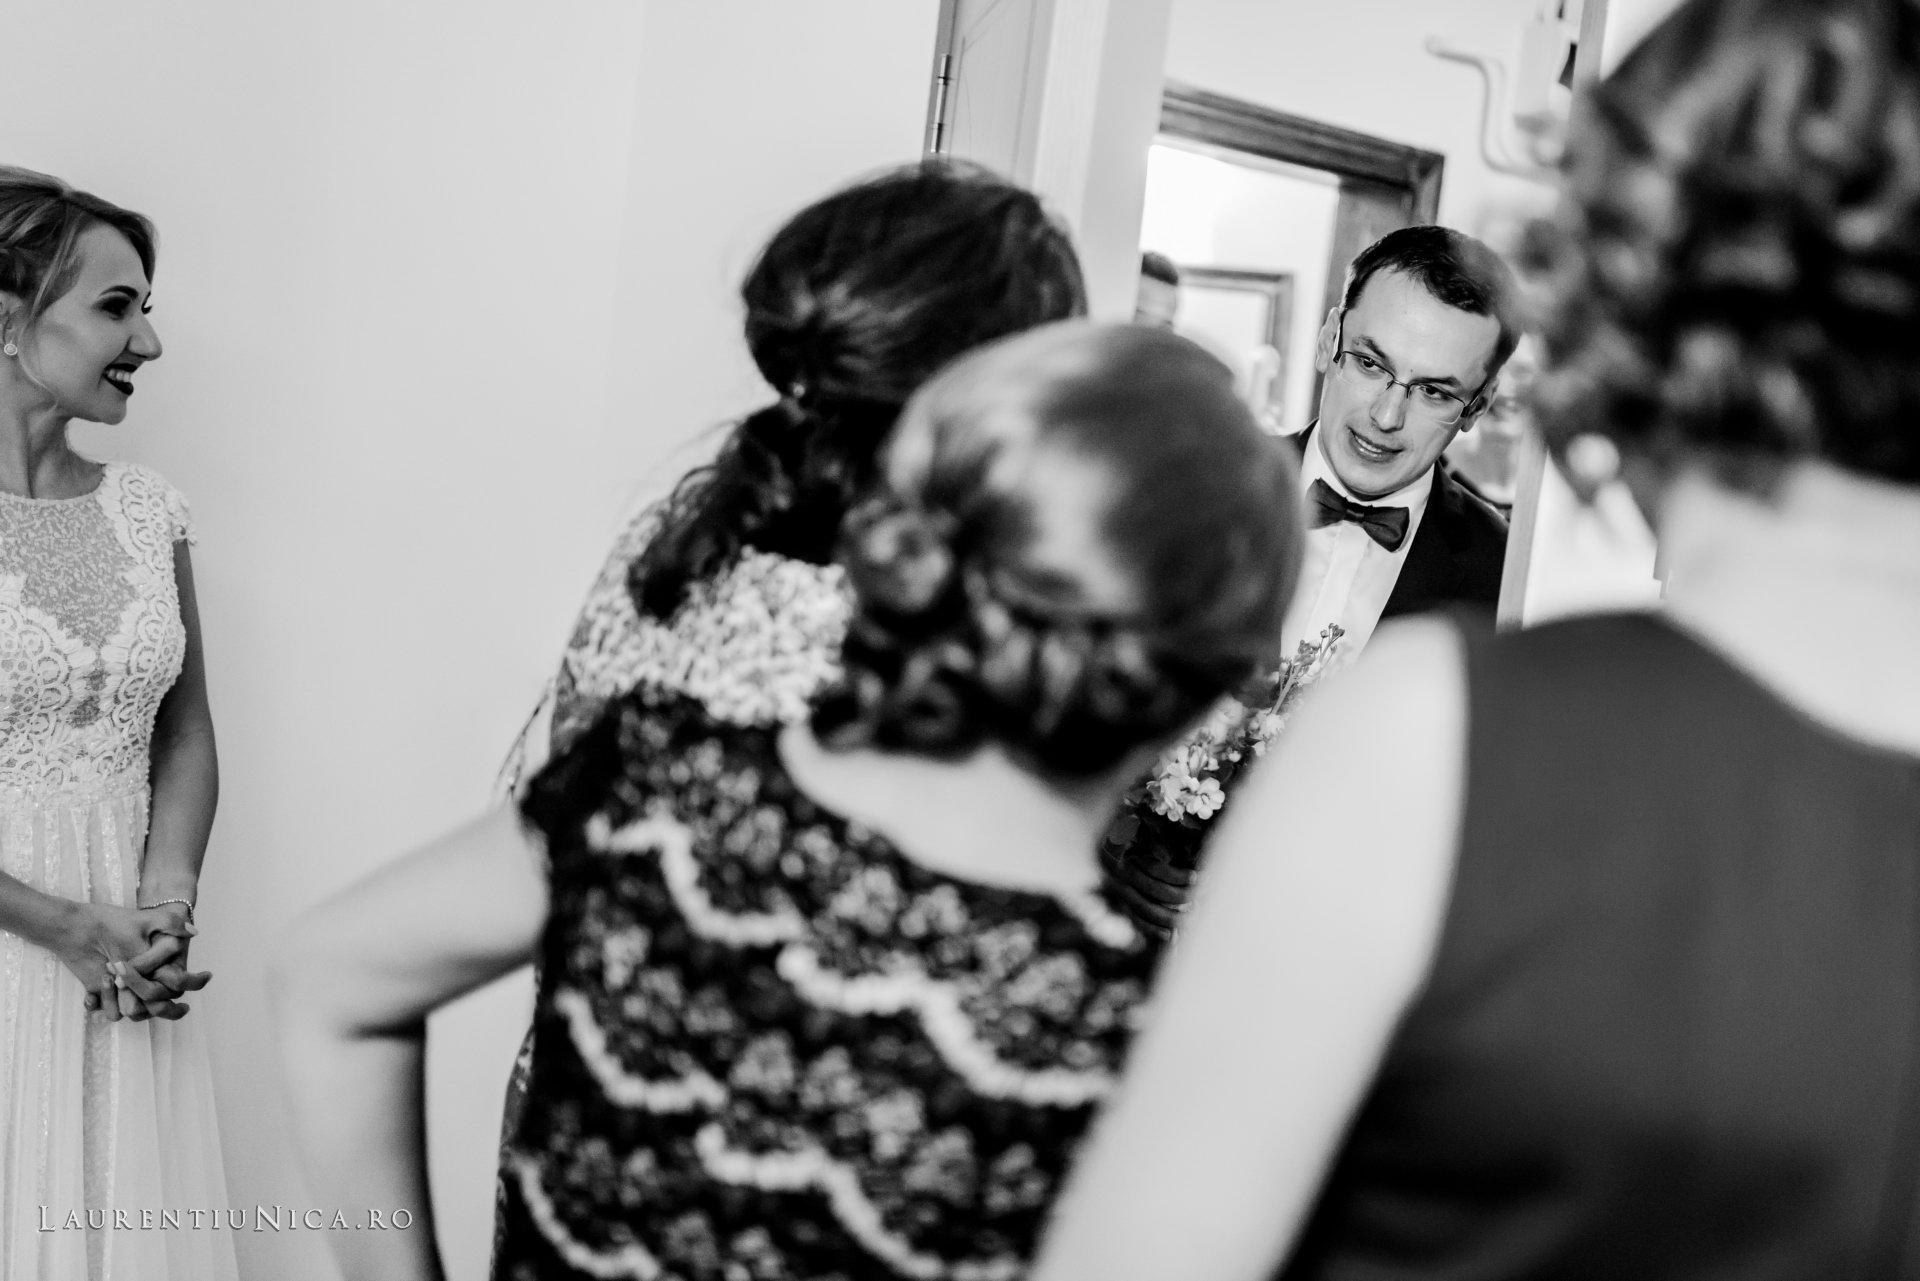 alina si razvan craiova fotograf nunta laurentiu nica32 - Alina & Razvan | Fotografii nunta